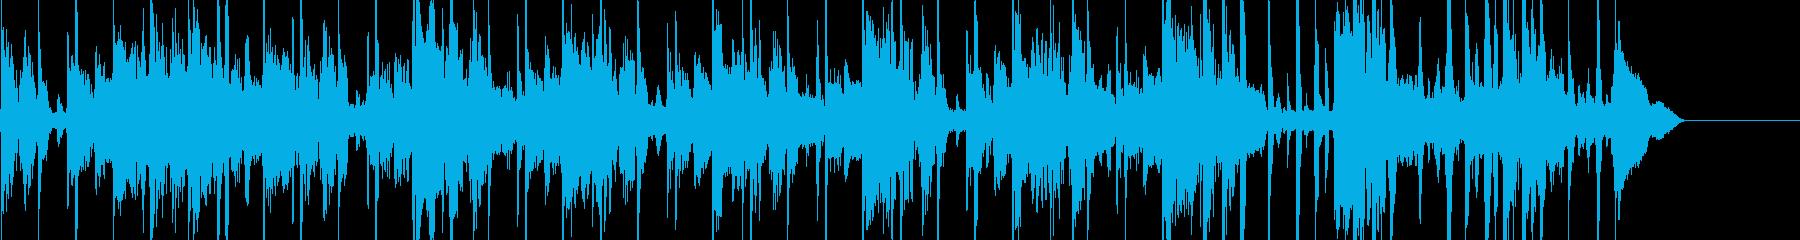 このテックグルーブのファンキーなク...の再生済みの波形